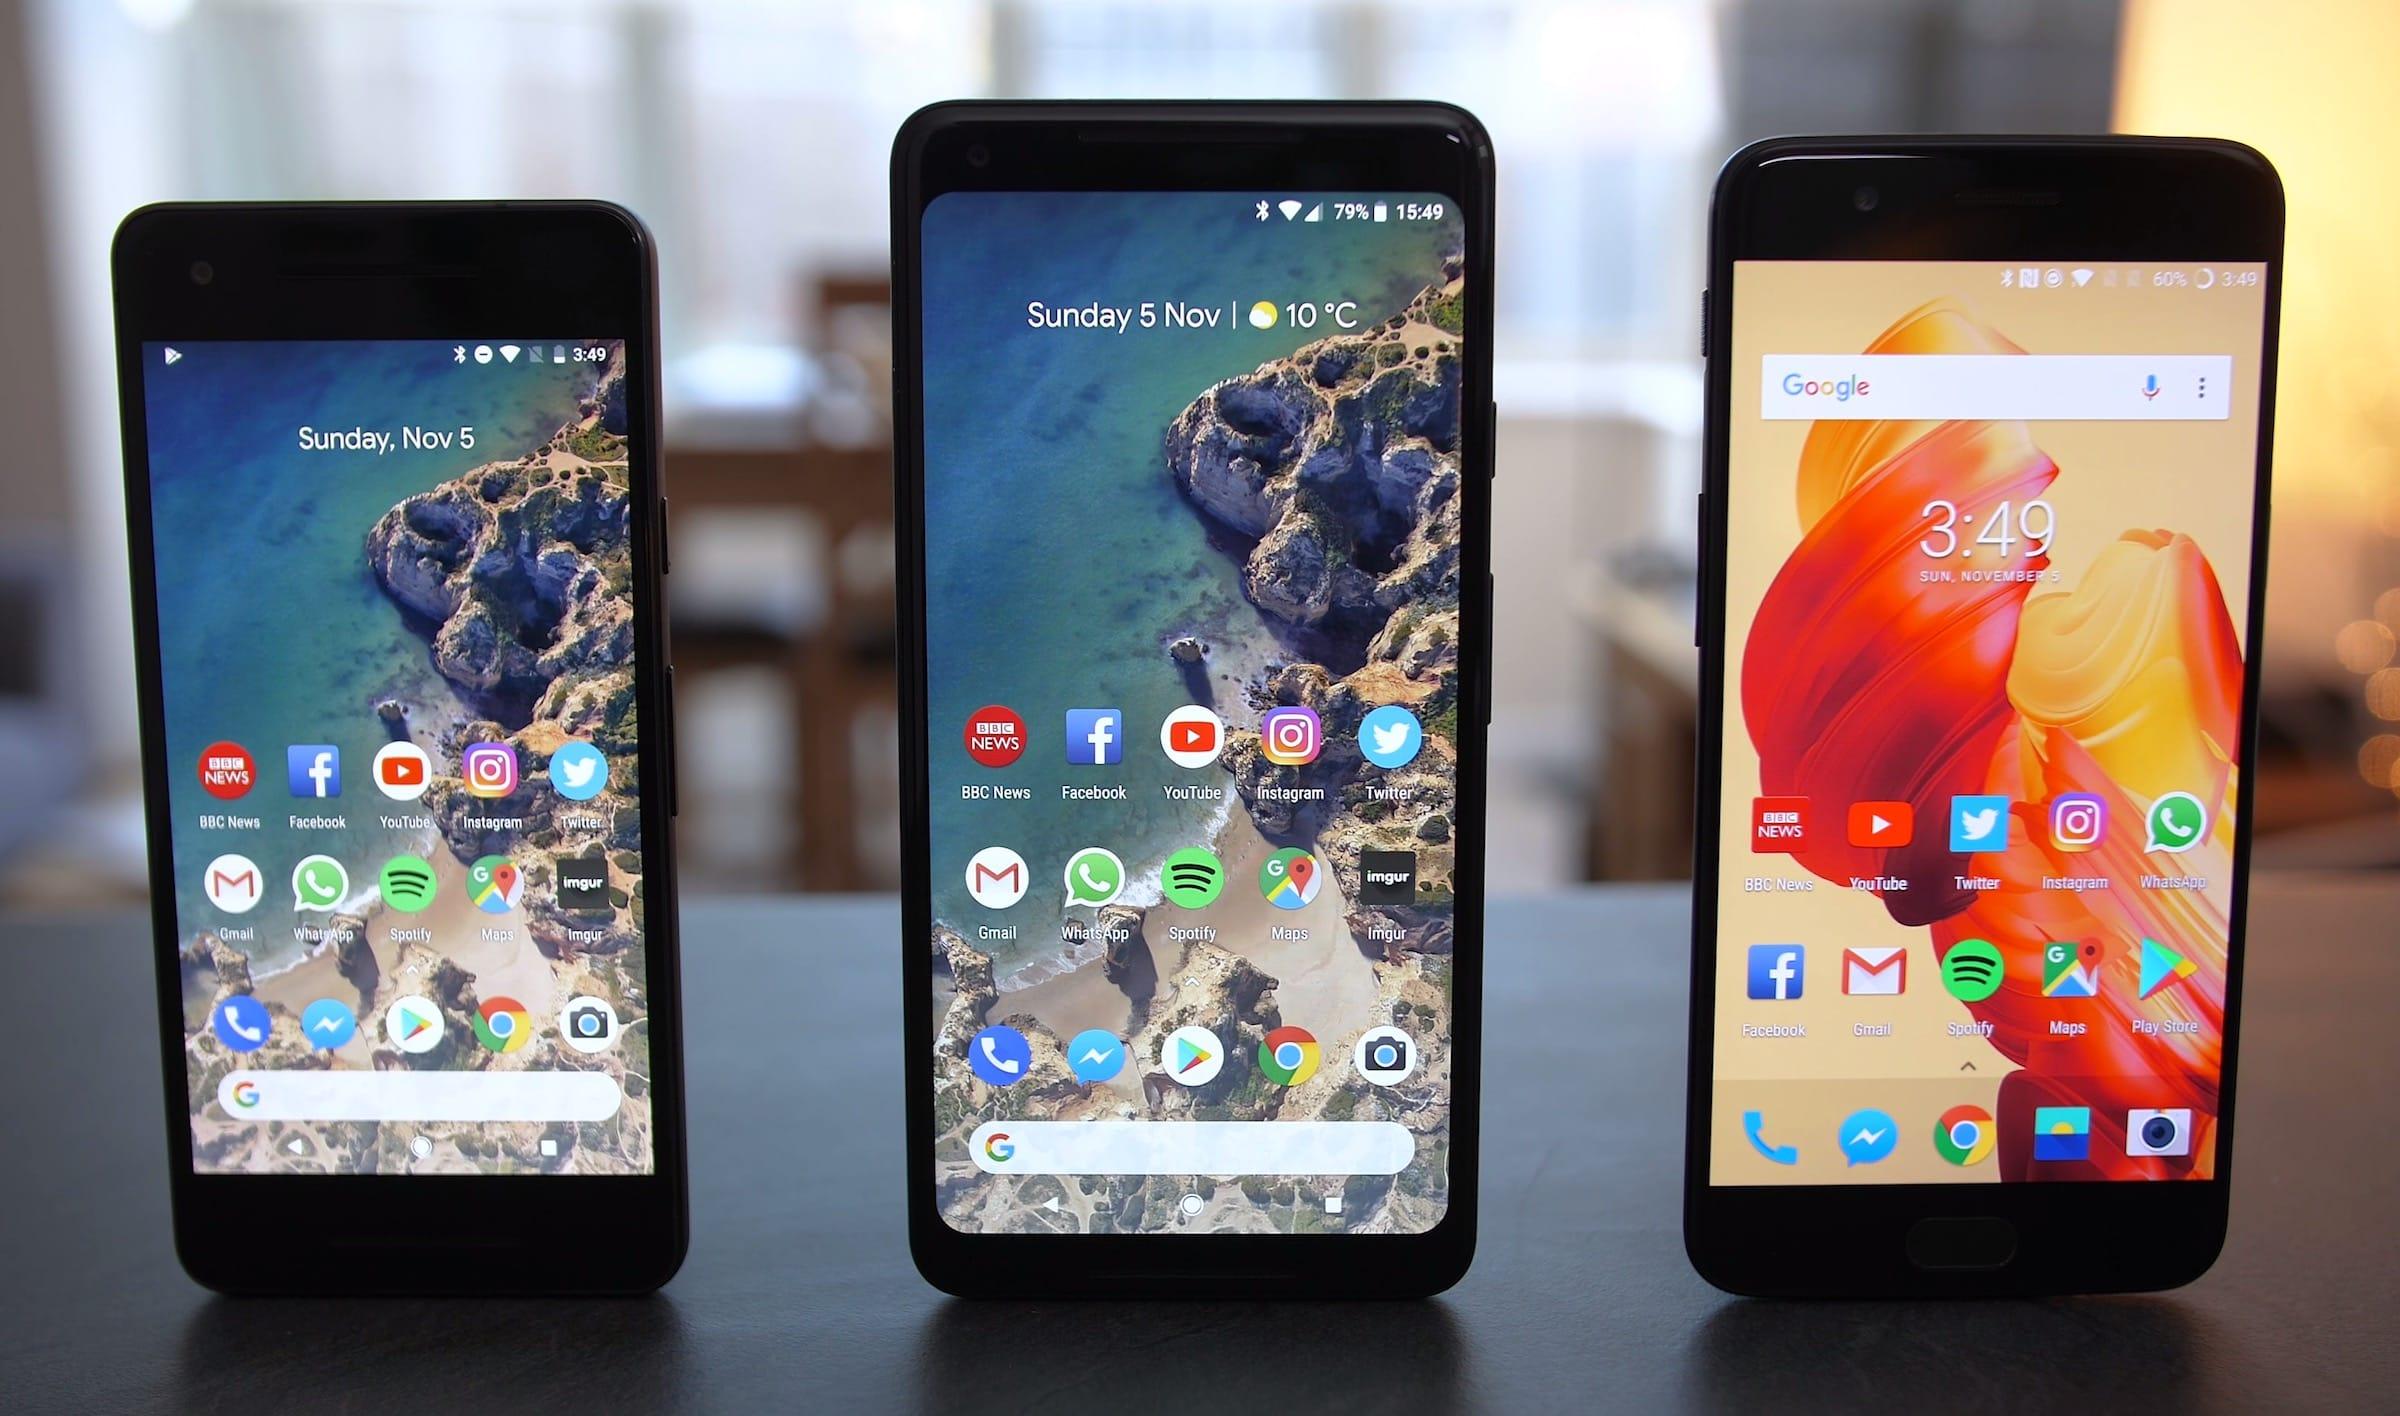 d6ed0c3ad936 Вперше компанія Google анонсувала платформу Android Go ще у травні 2017  року в ході конференції під назвою Google I   O, на якій вона розповіла про  її ...